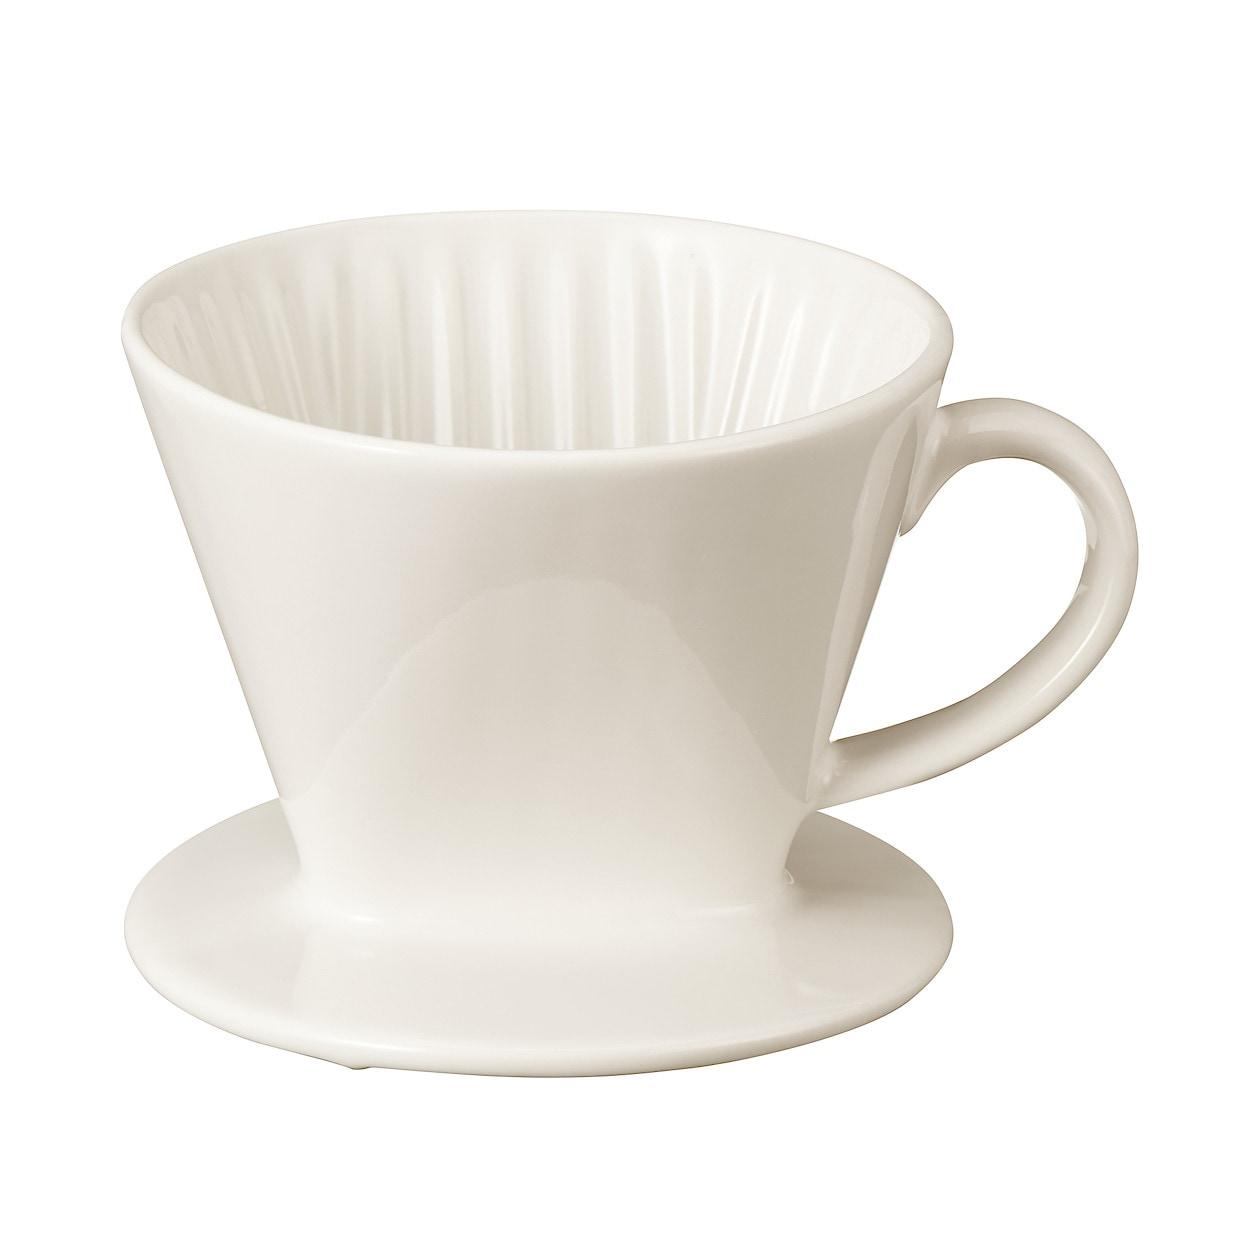 磁器ベージュドリッパー 1杯用・約直径11.5×高さ9.5cm